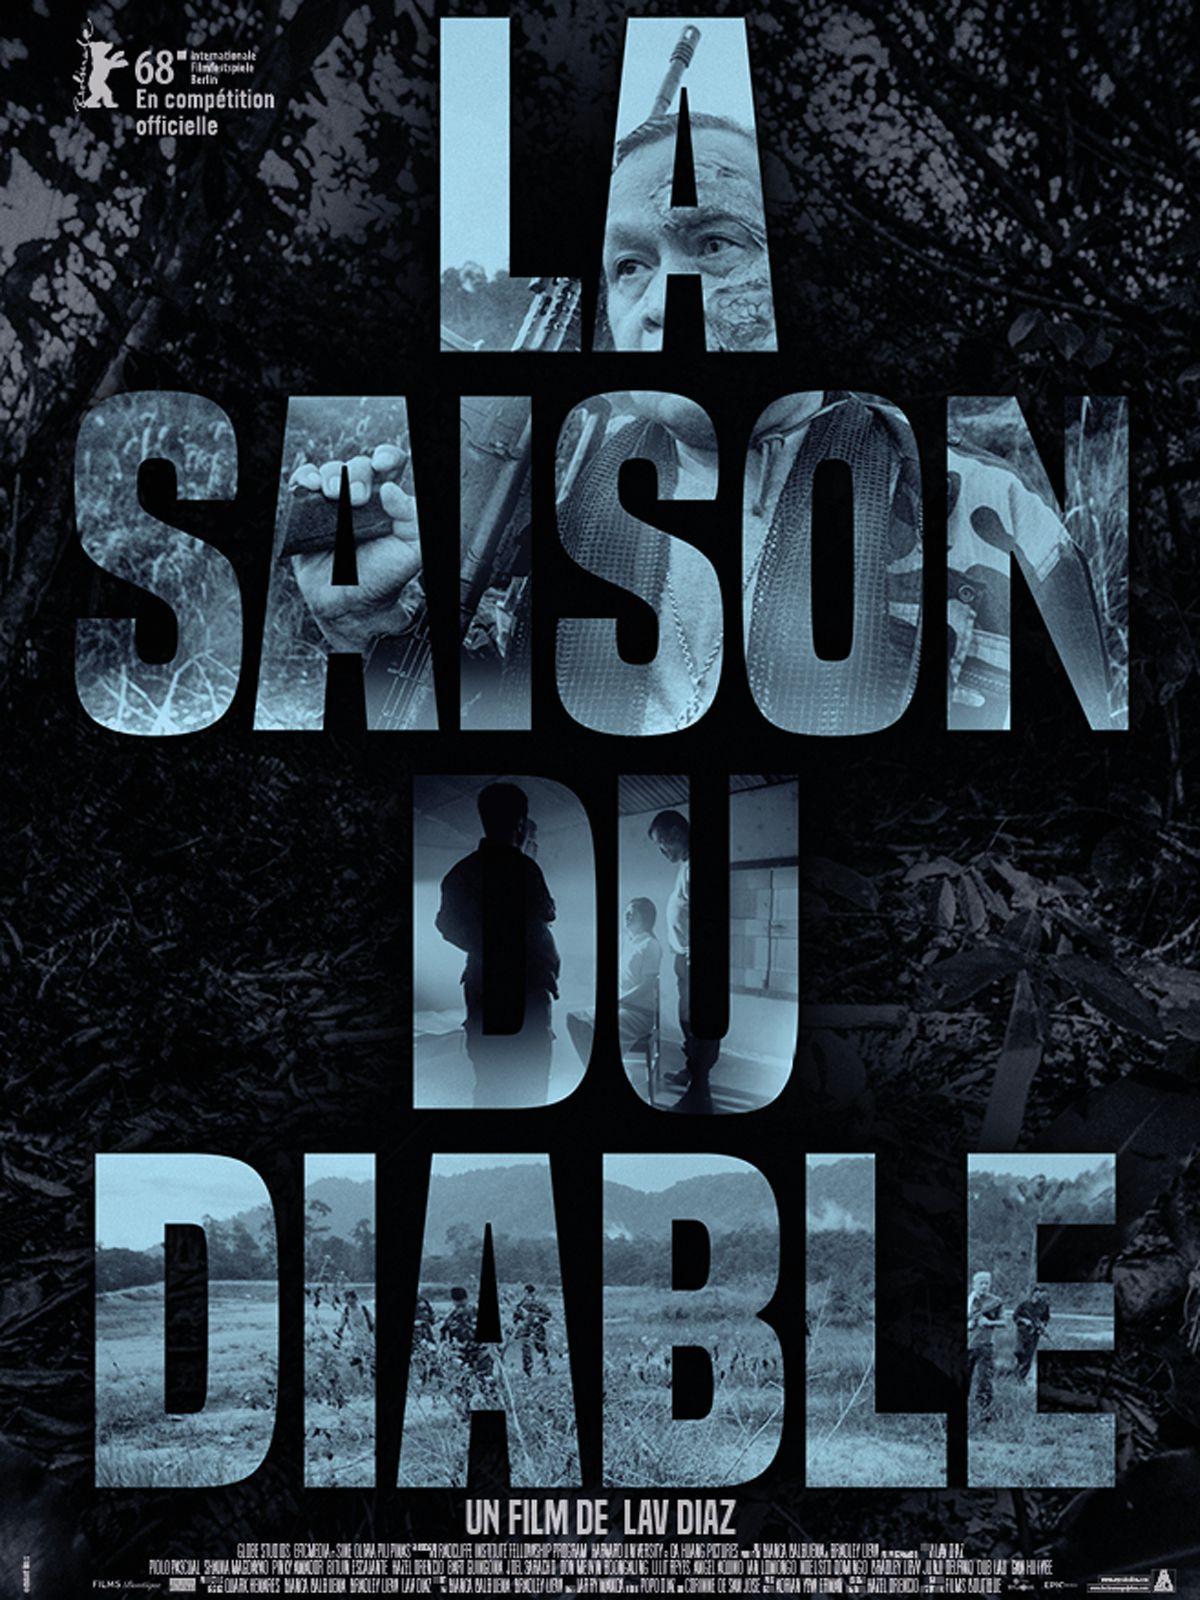 La Saison du diable - Film (2018)